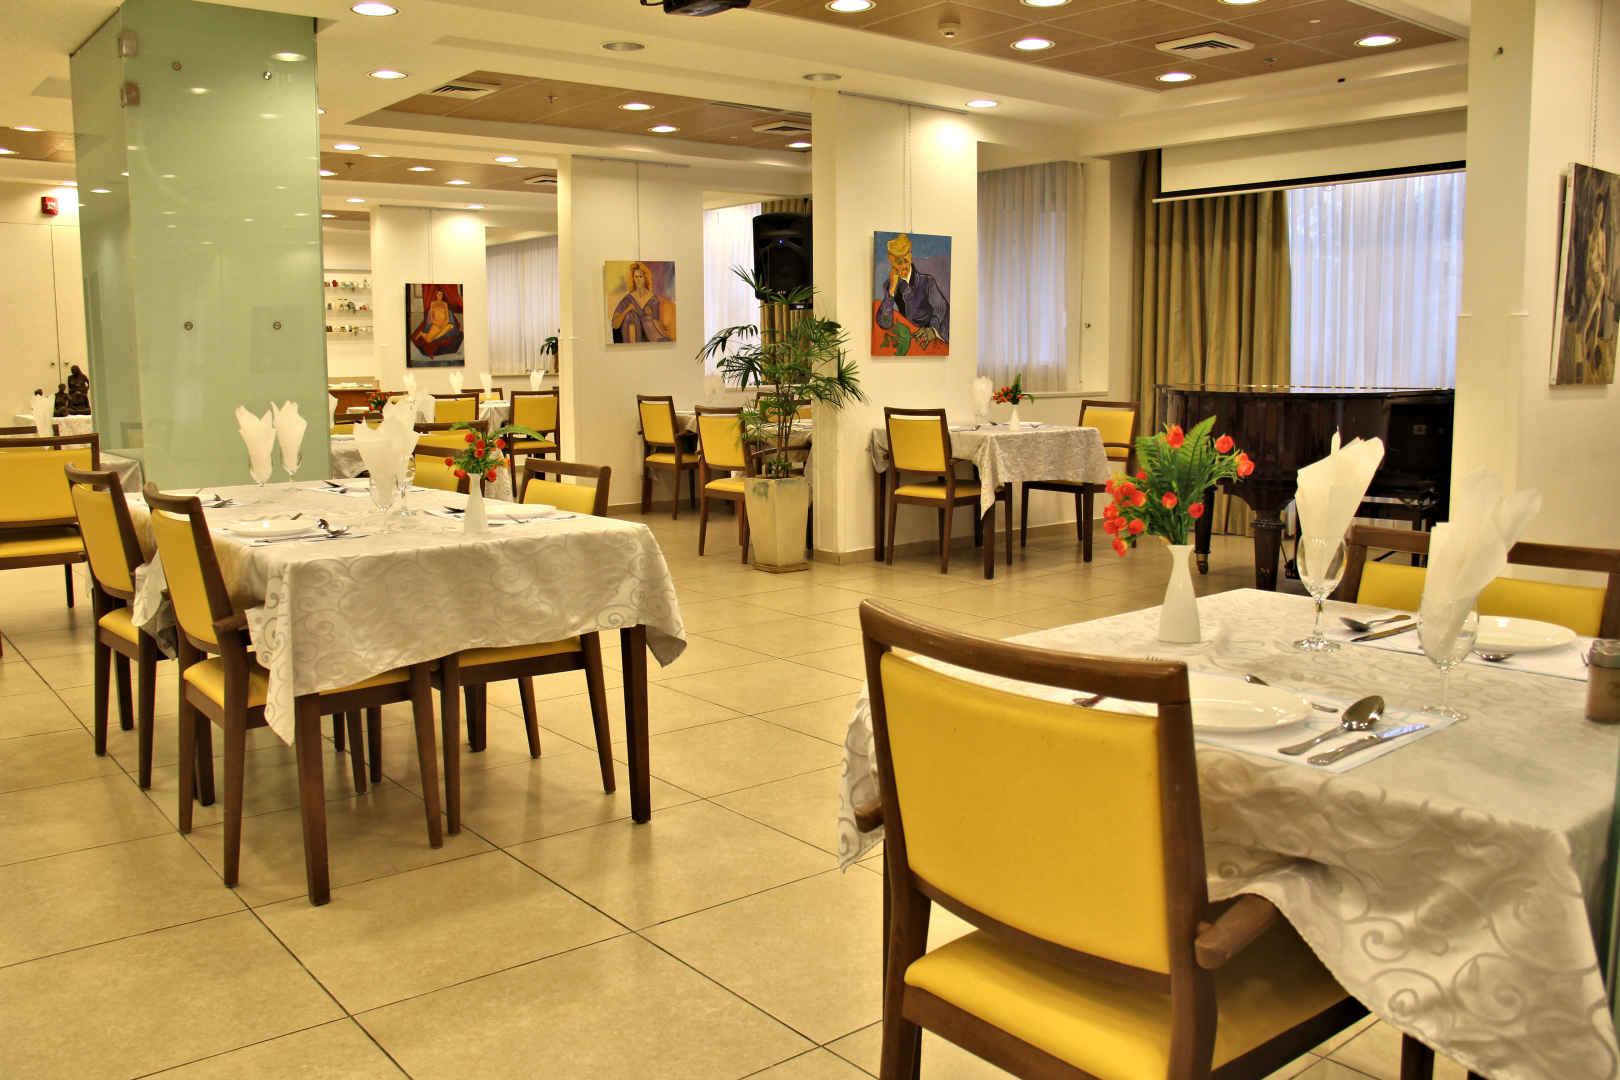 בית בלב תל אביב חדר אוכל